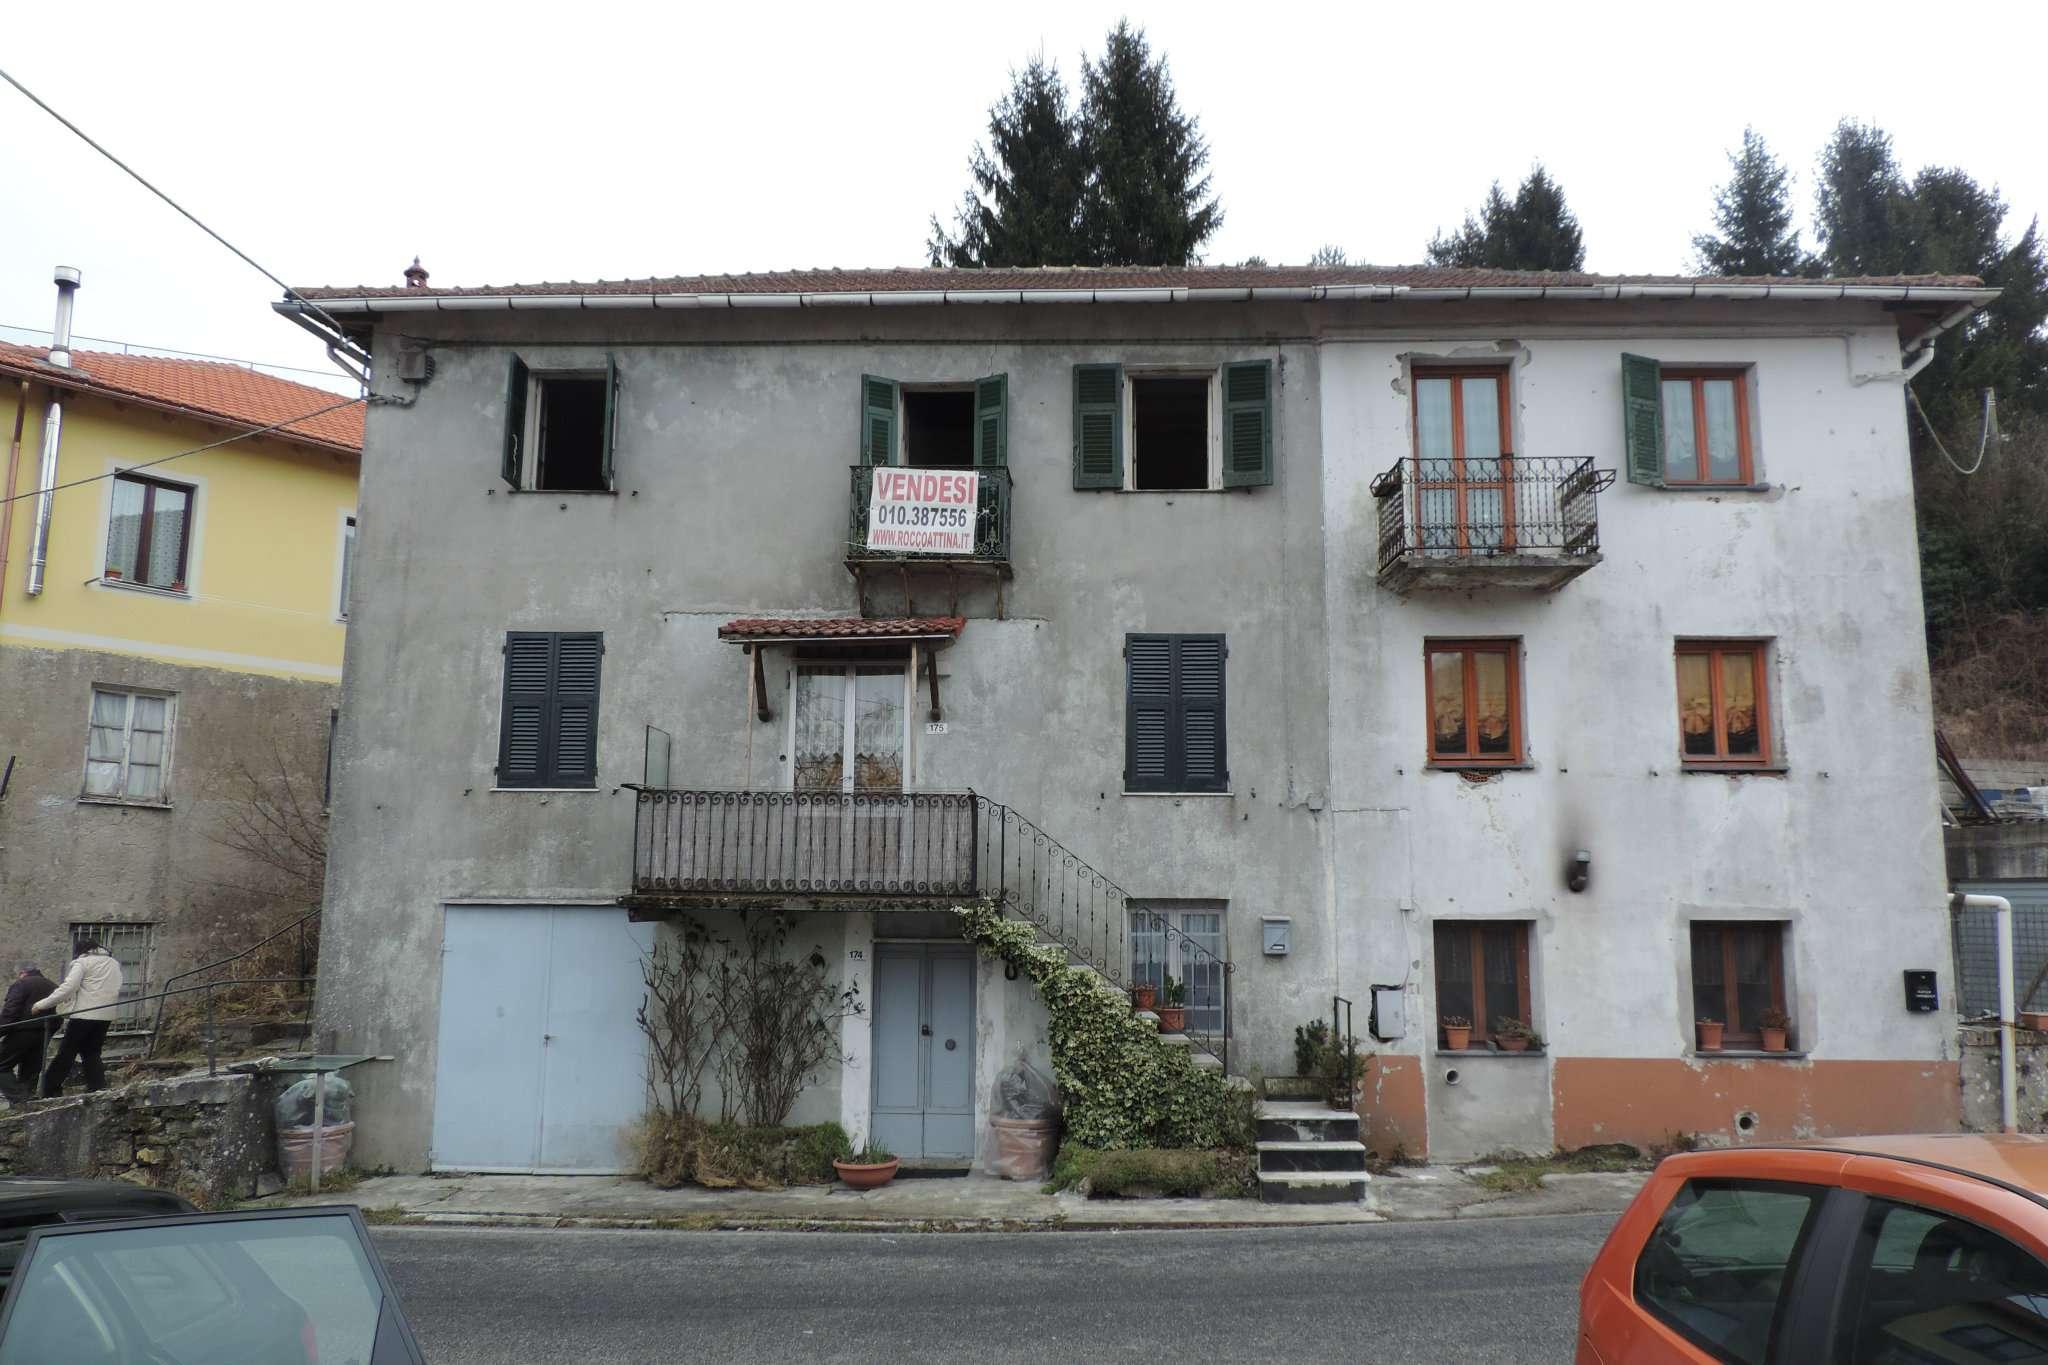 Appartamento in vendita a Torriglia, 6 locali, prezzo € 18.000 | CambioCasa.it